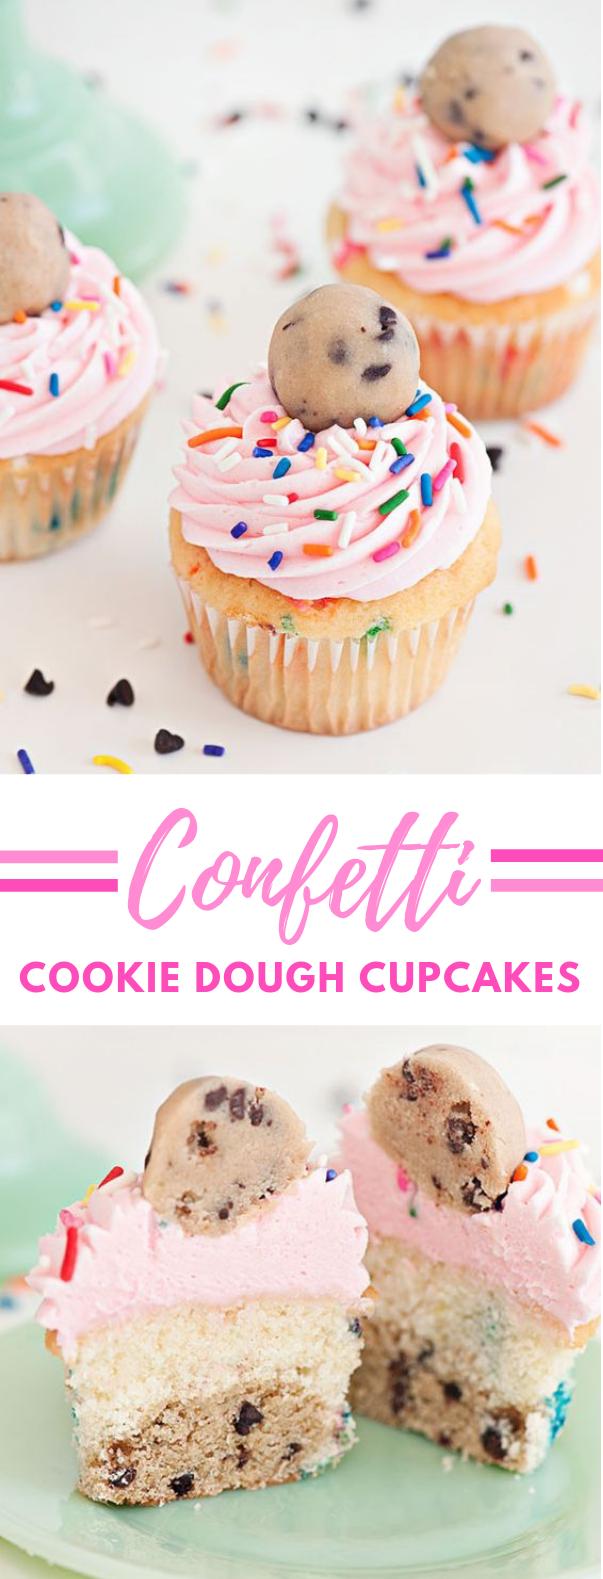 COOKIE DOUGH CUPCAKES #dessert #partydessert